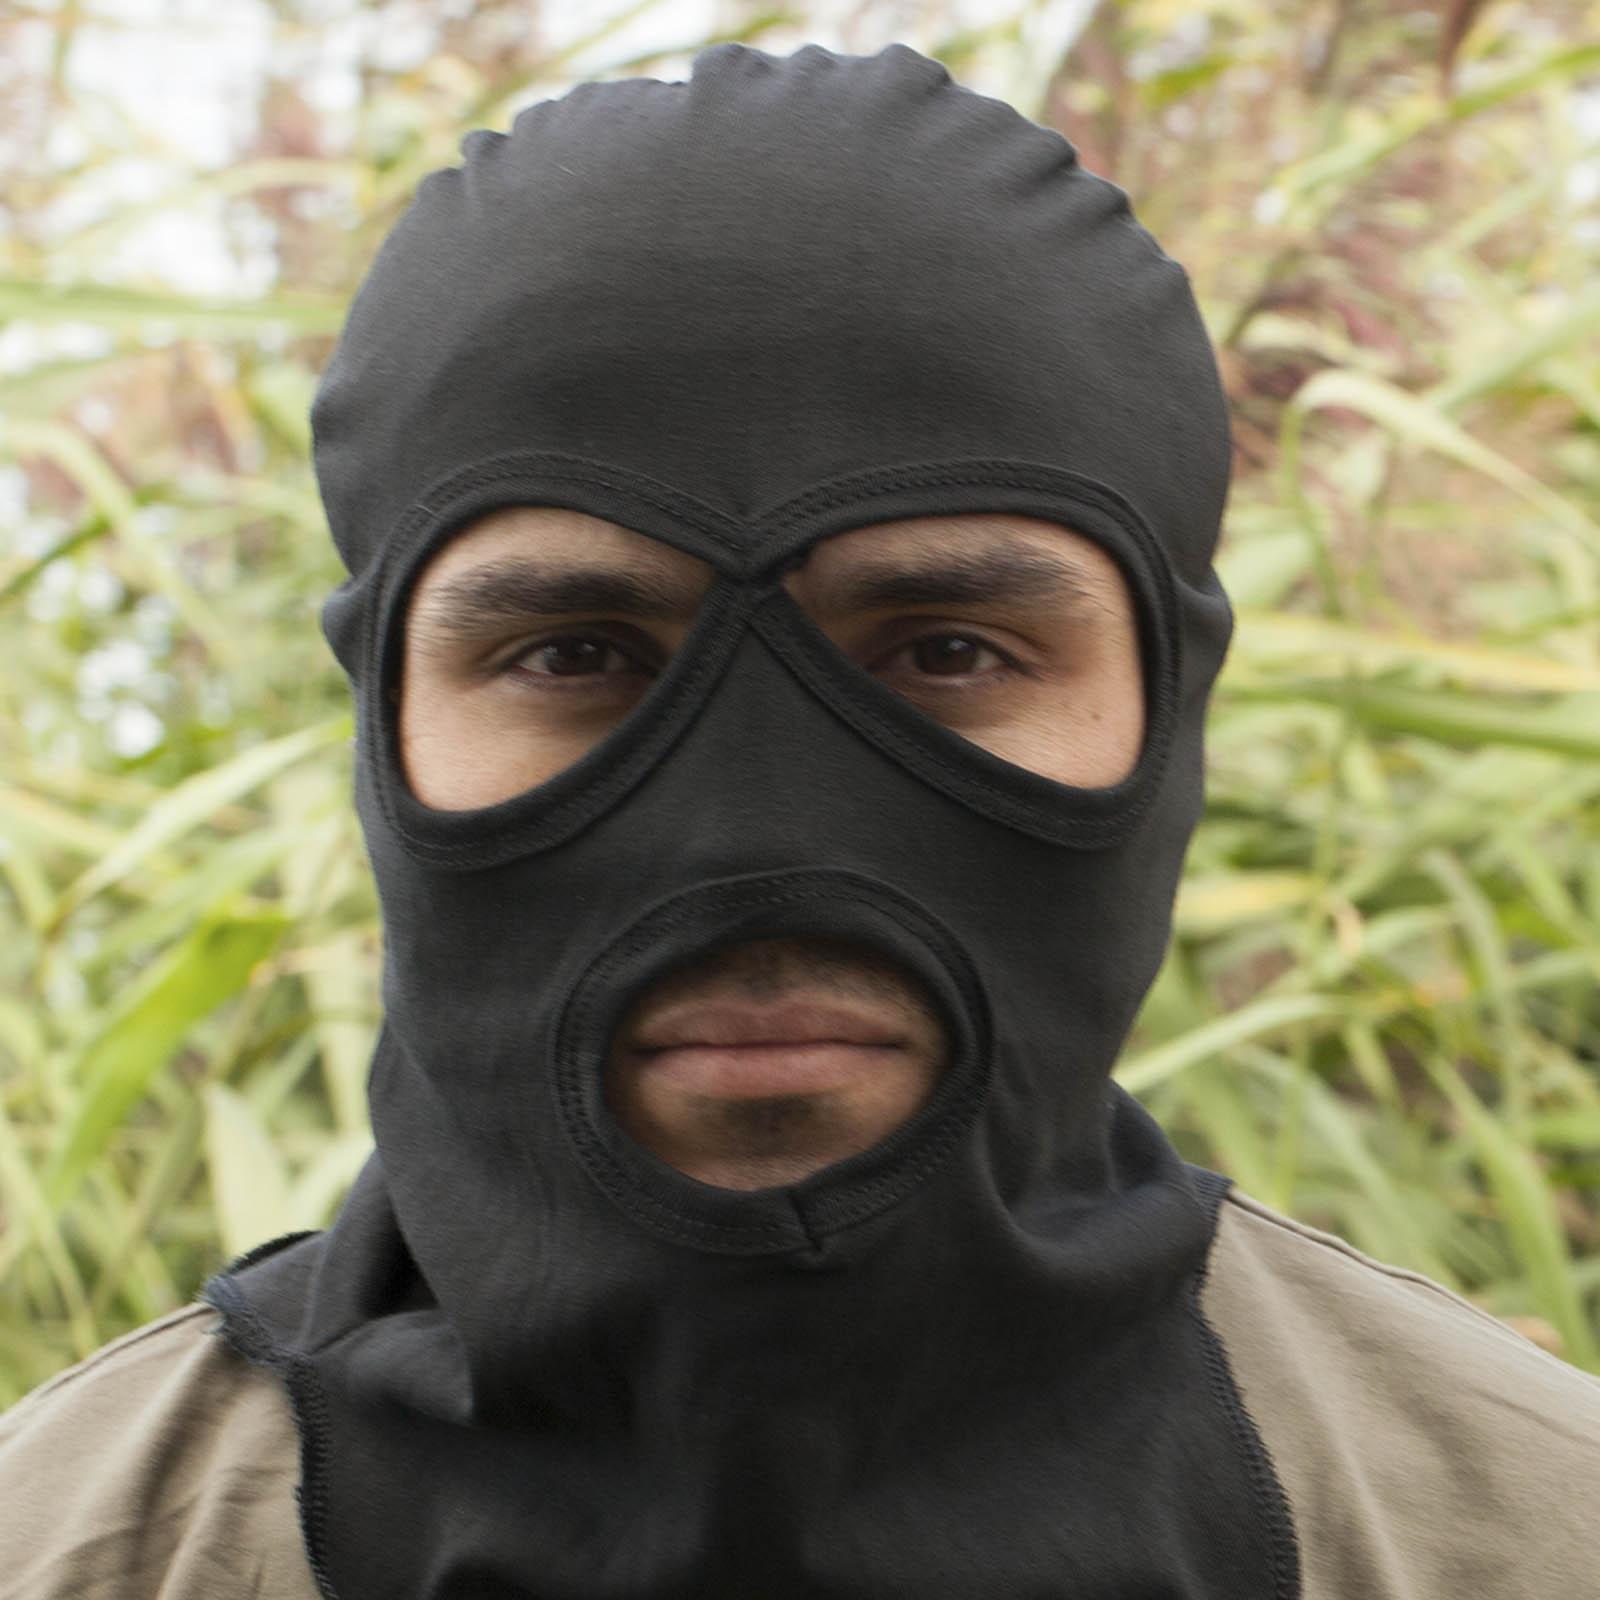 Купить маску балаклаву на лицо